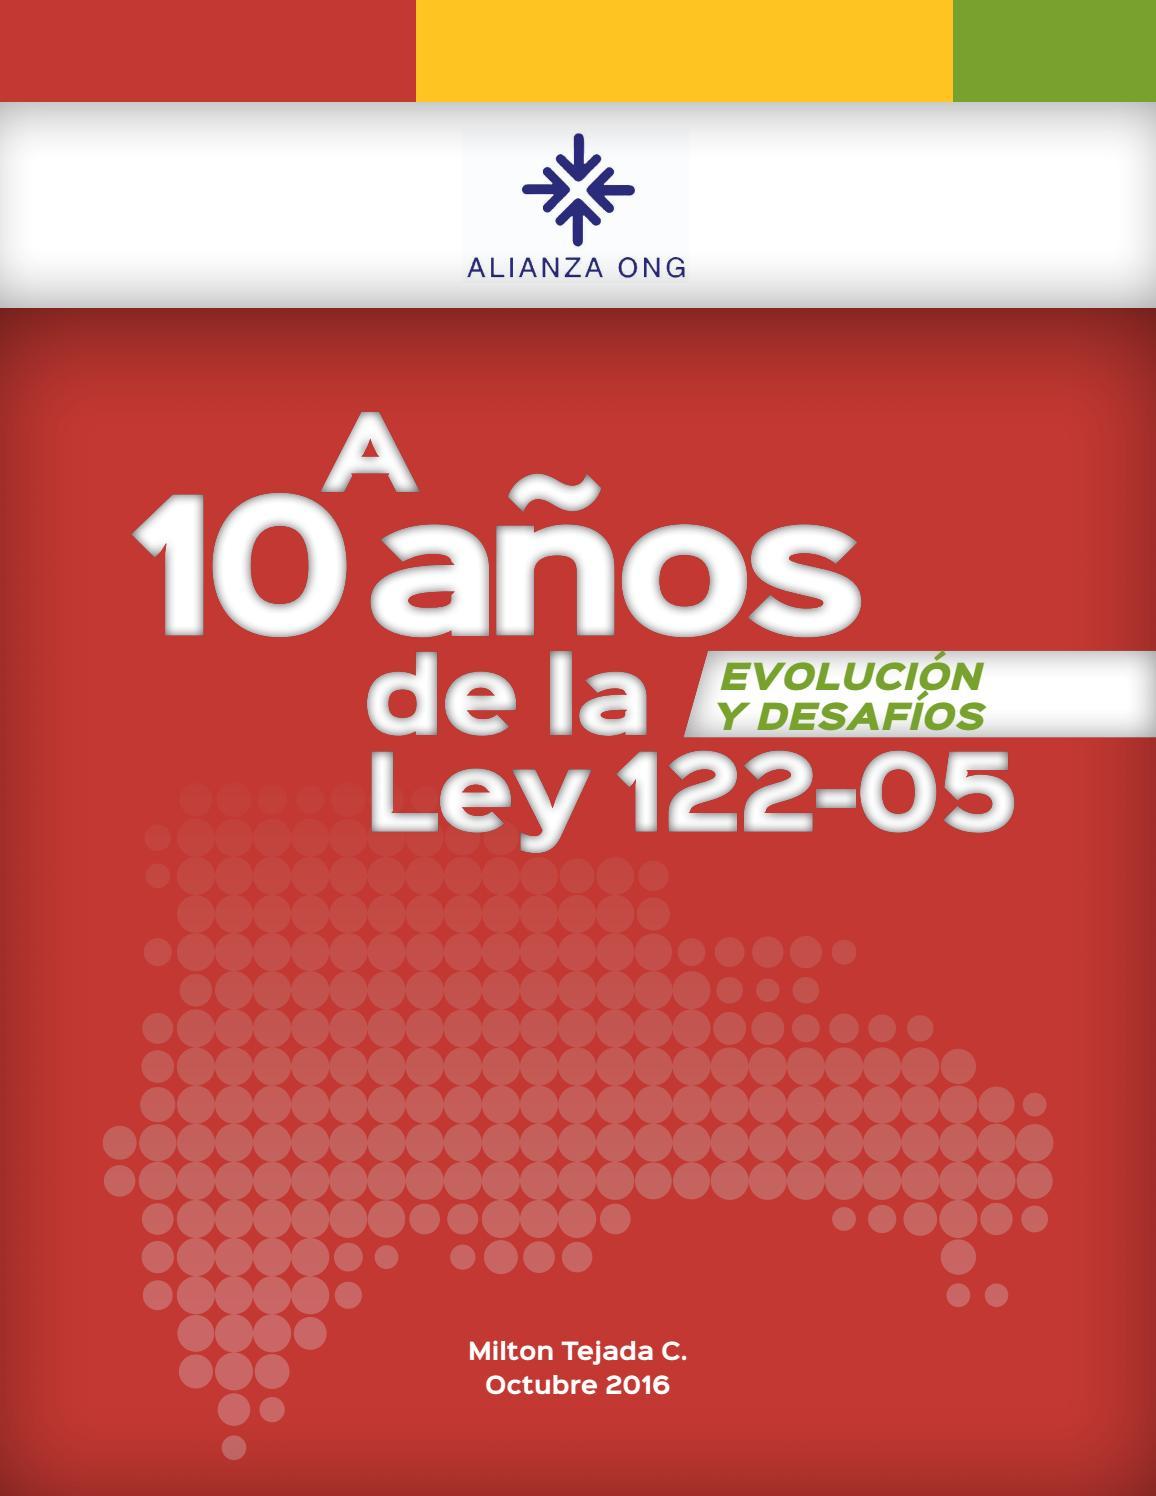 Estudio a 10 años de la ley 122 05 by Alianza ONG - issuu